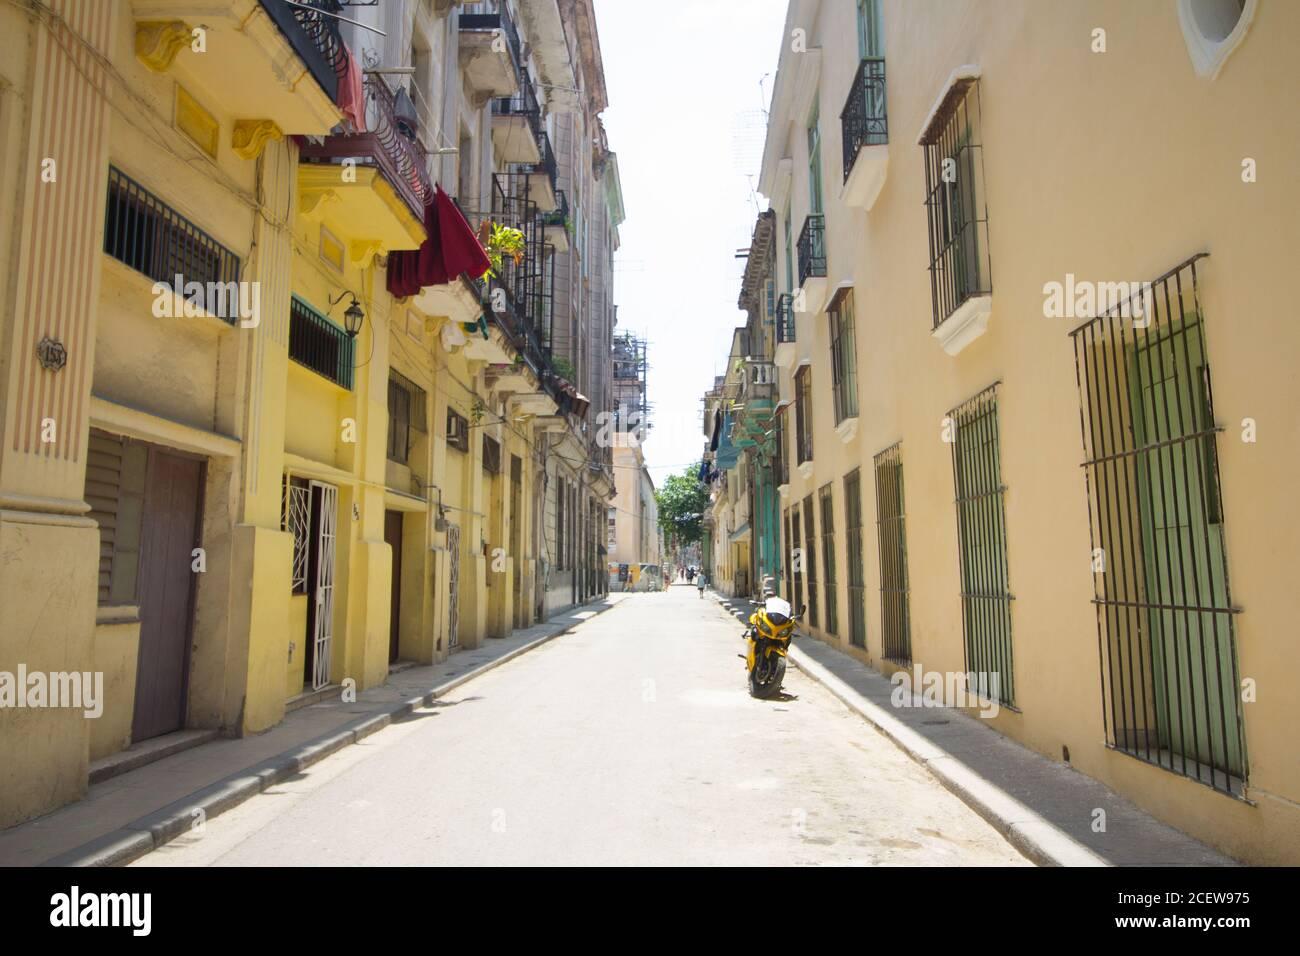 Rues de Cuba, la Havane Banque D'Images